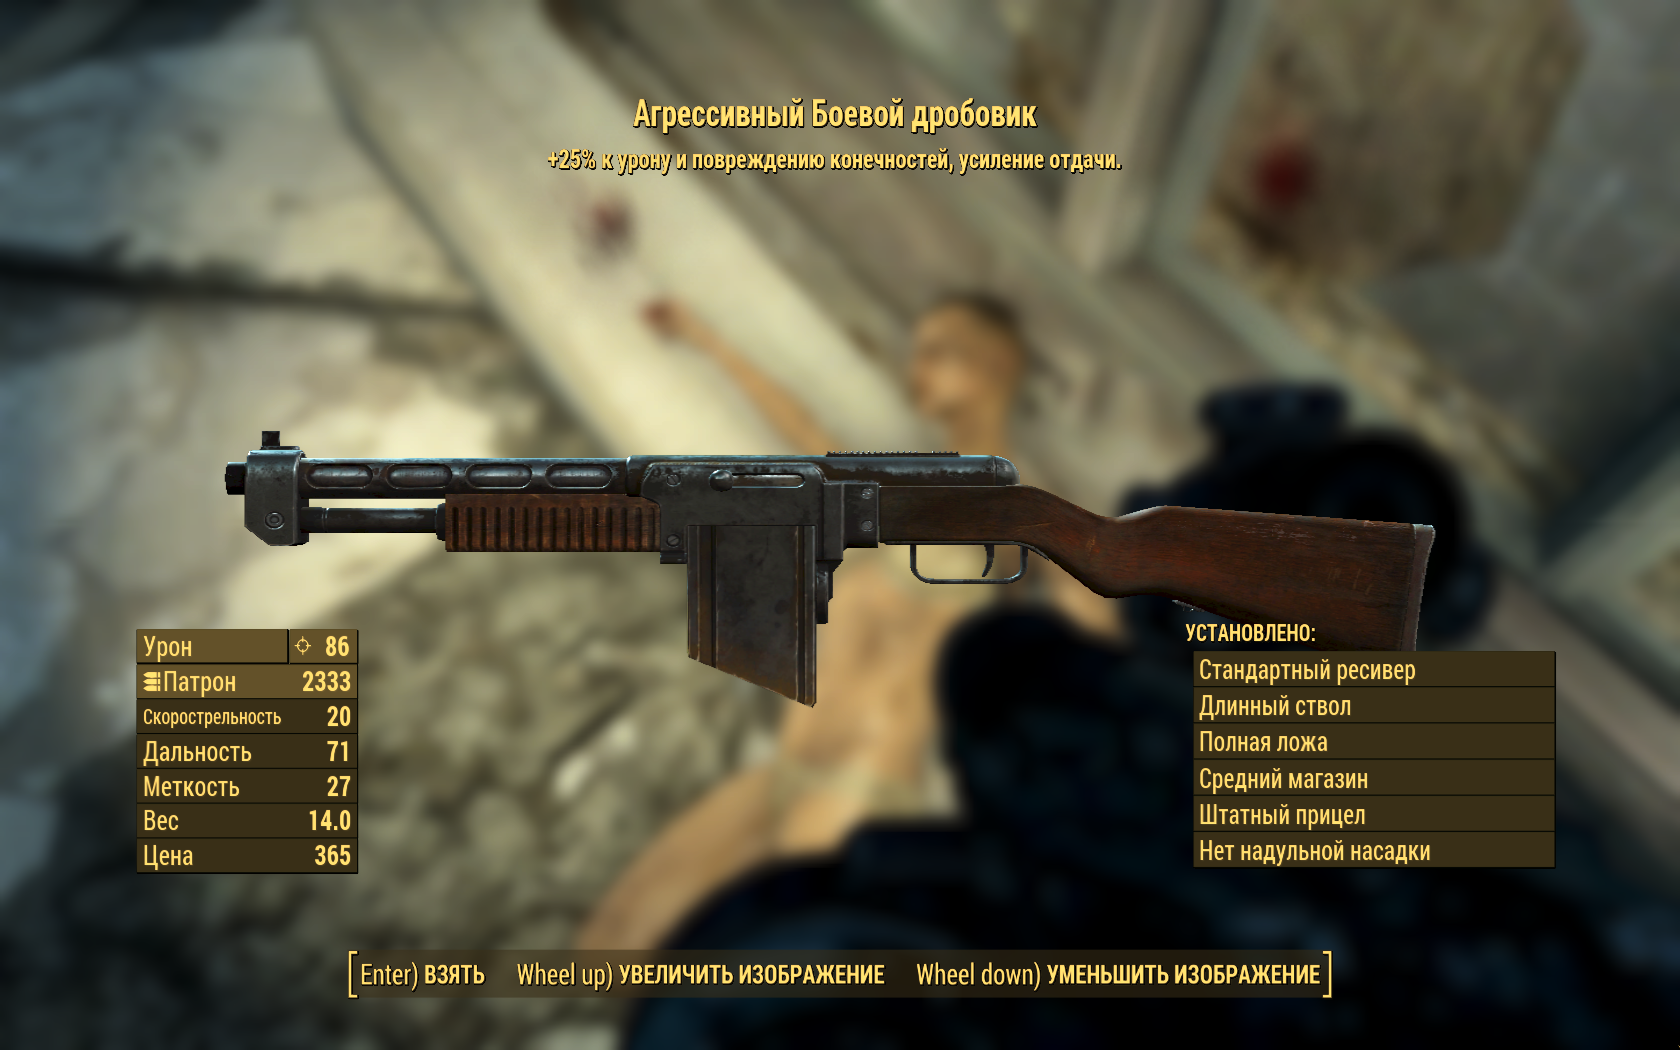 карабин - Fallout 4 Агрессивный, боевой, Оружие